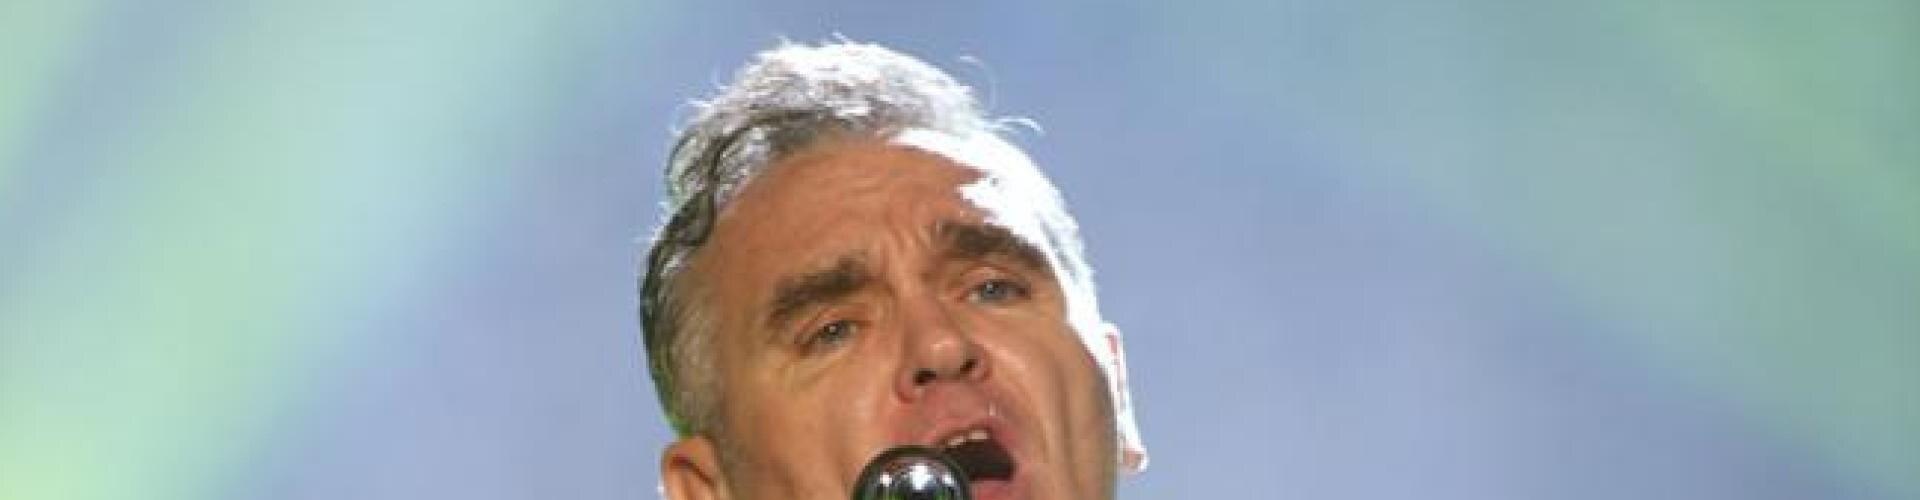 Watch Morrissey 25 Live Online